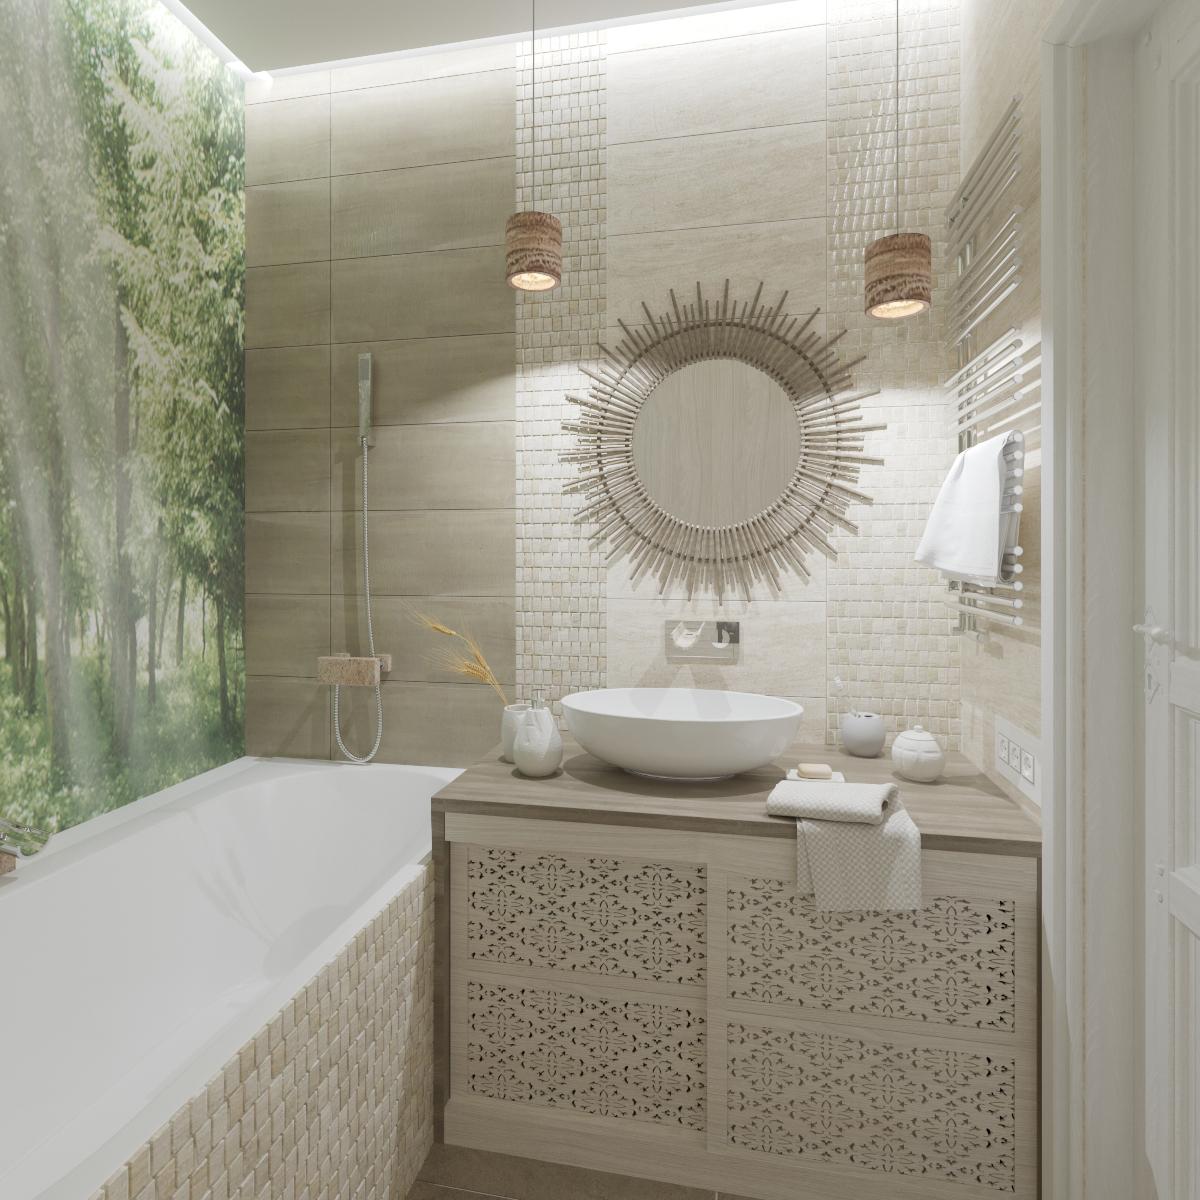 Ванная в ЖК «Лайт-сити», Рязань